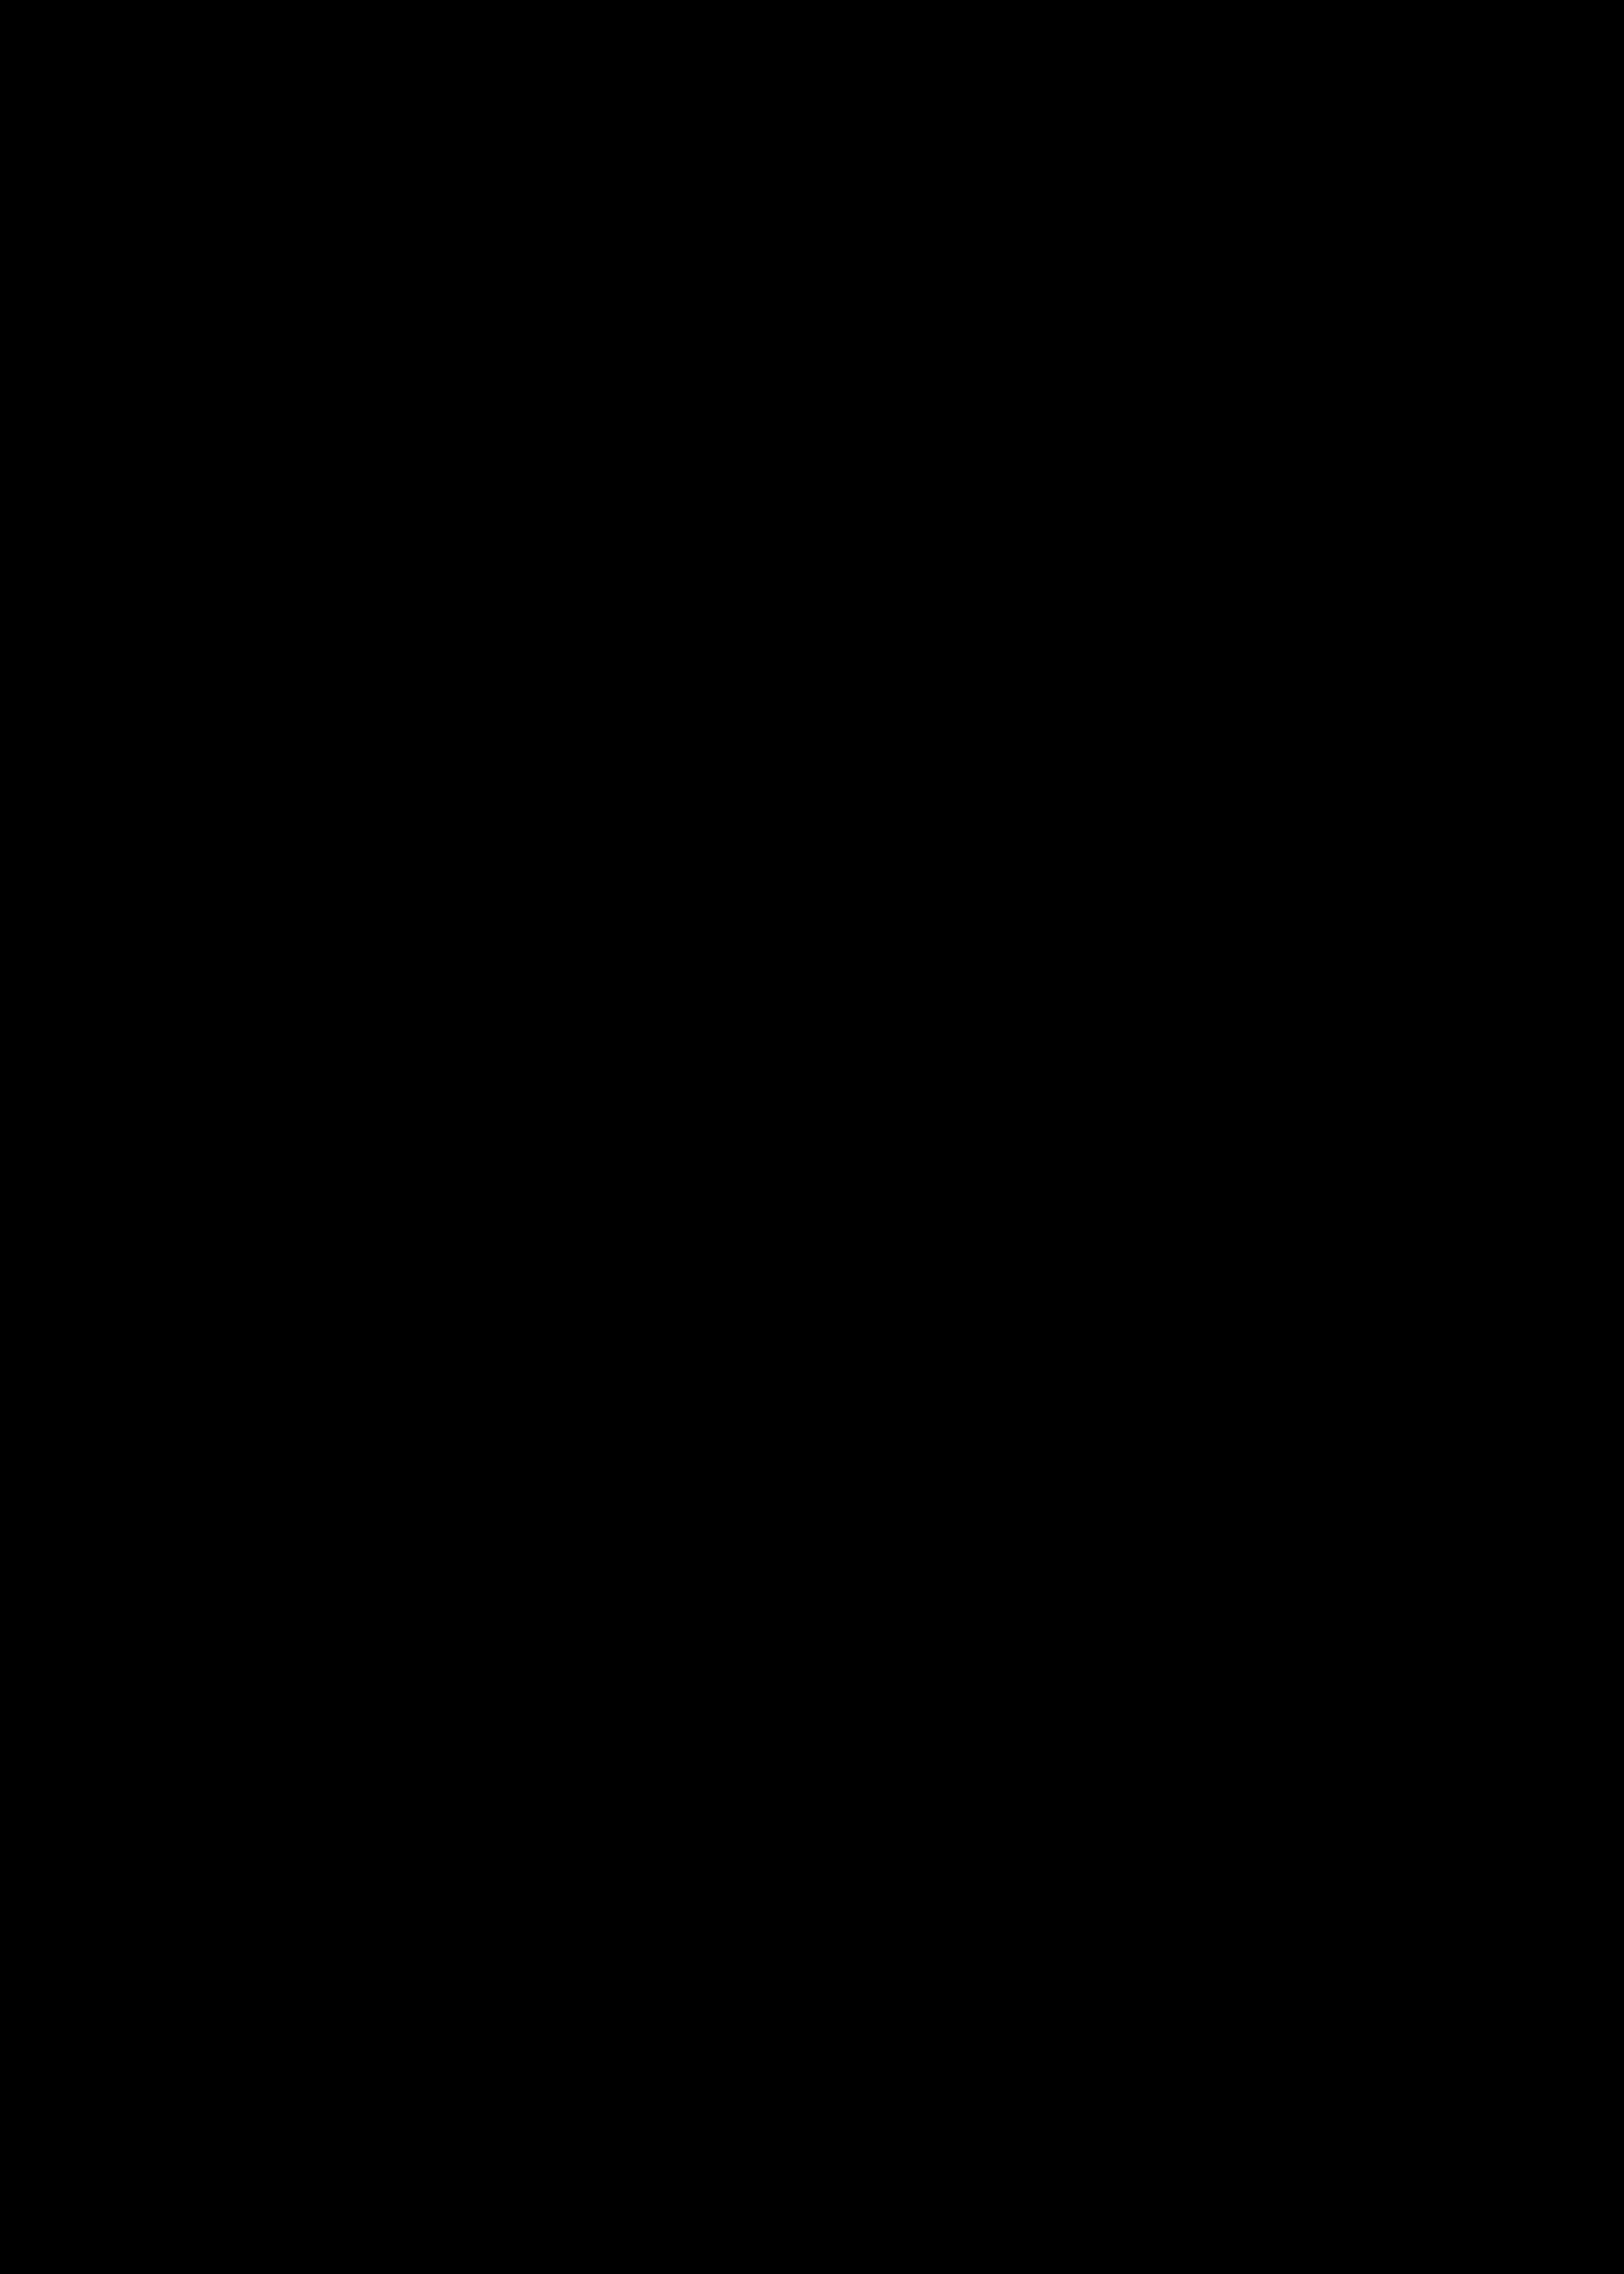 Tranh Tô Màu Công Chúa Phép Thuật Winx - Bloom 24